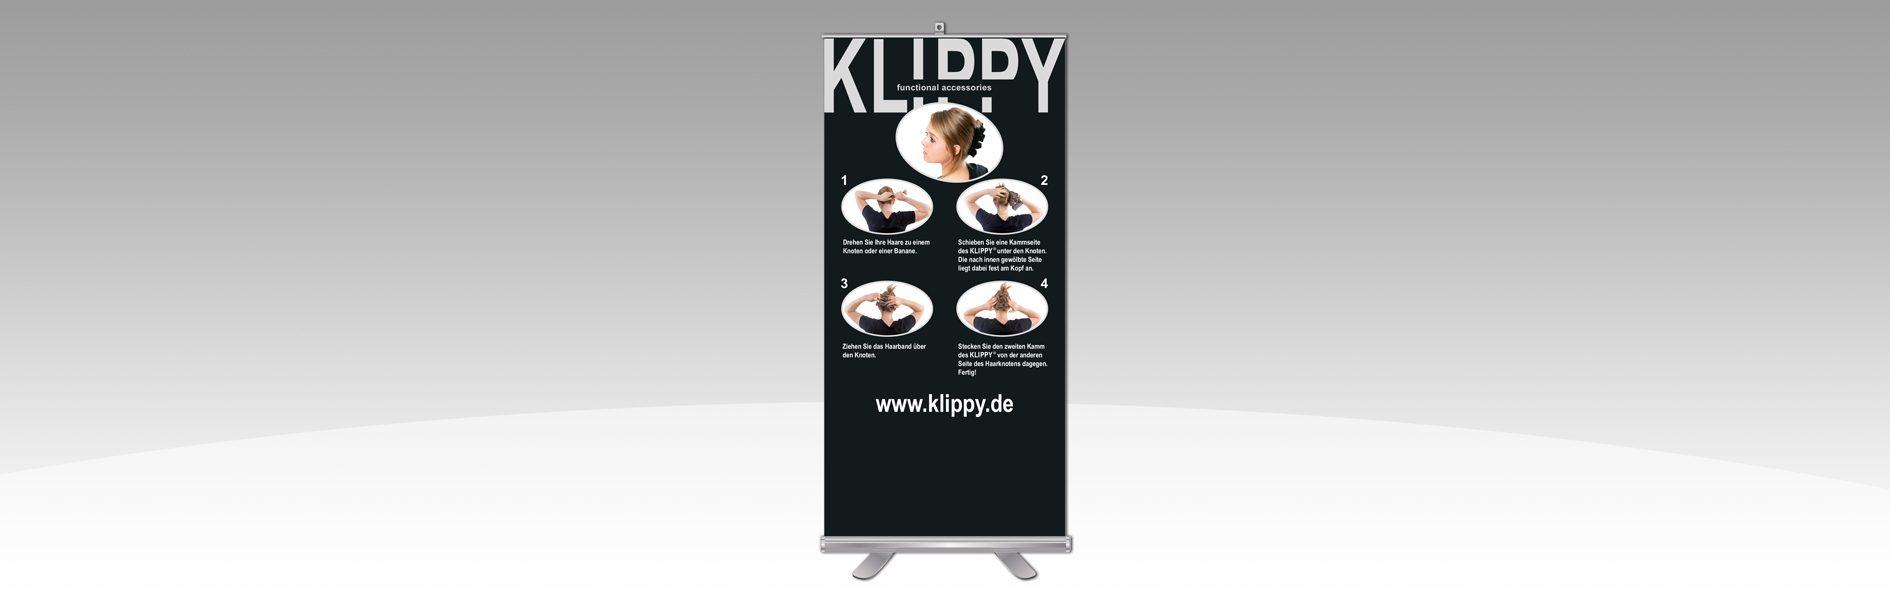 Hier ist das Rollup von Klippy dargestellt.